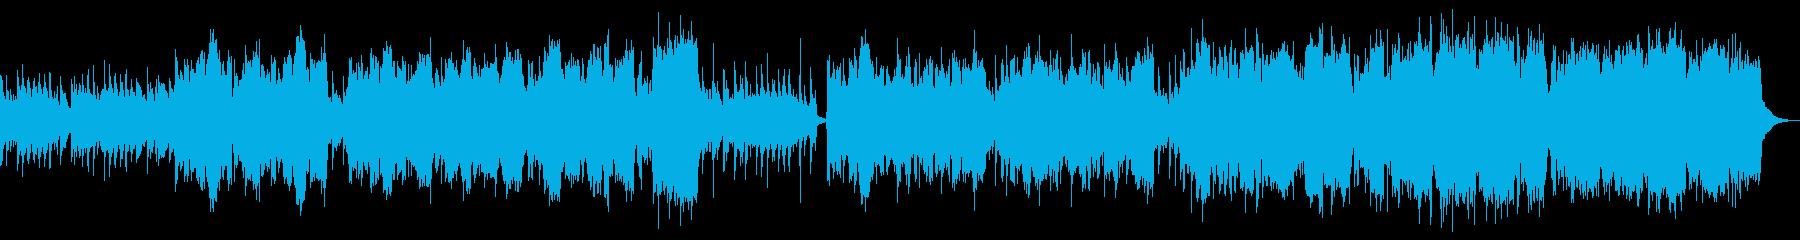 感動バラード・企業VP/CM・バイオリンの再生済みの波形